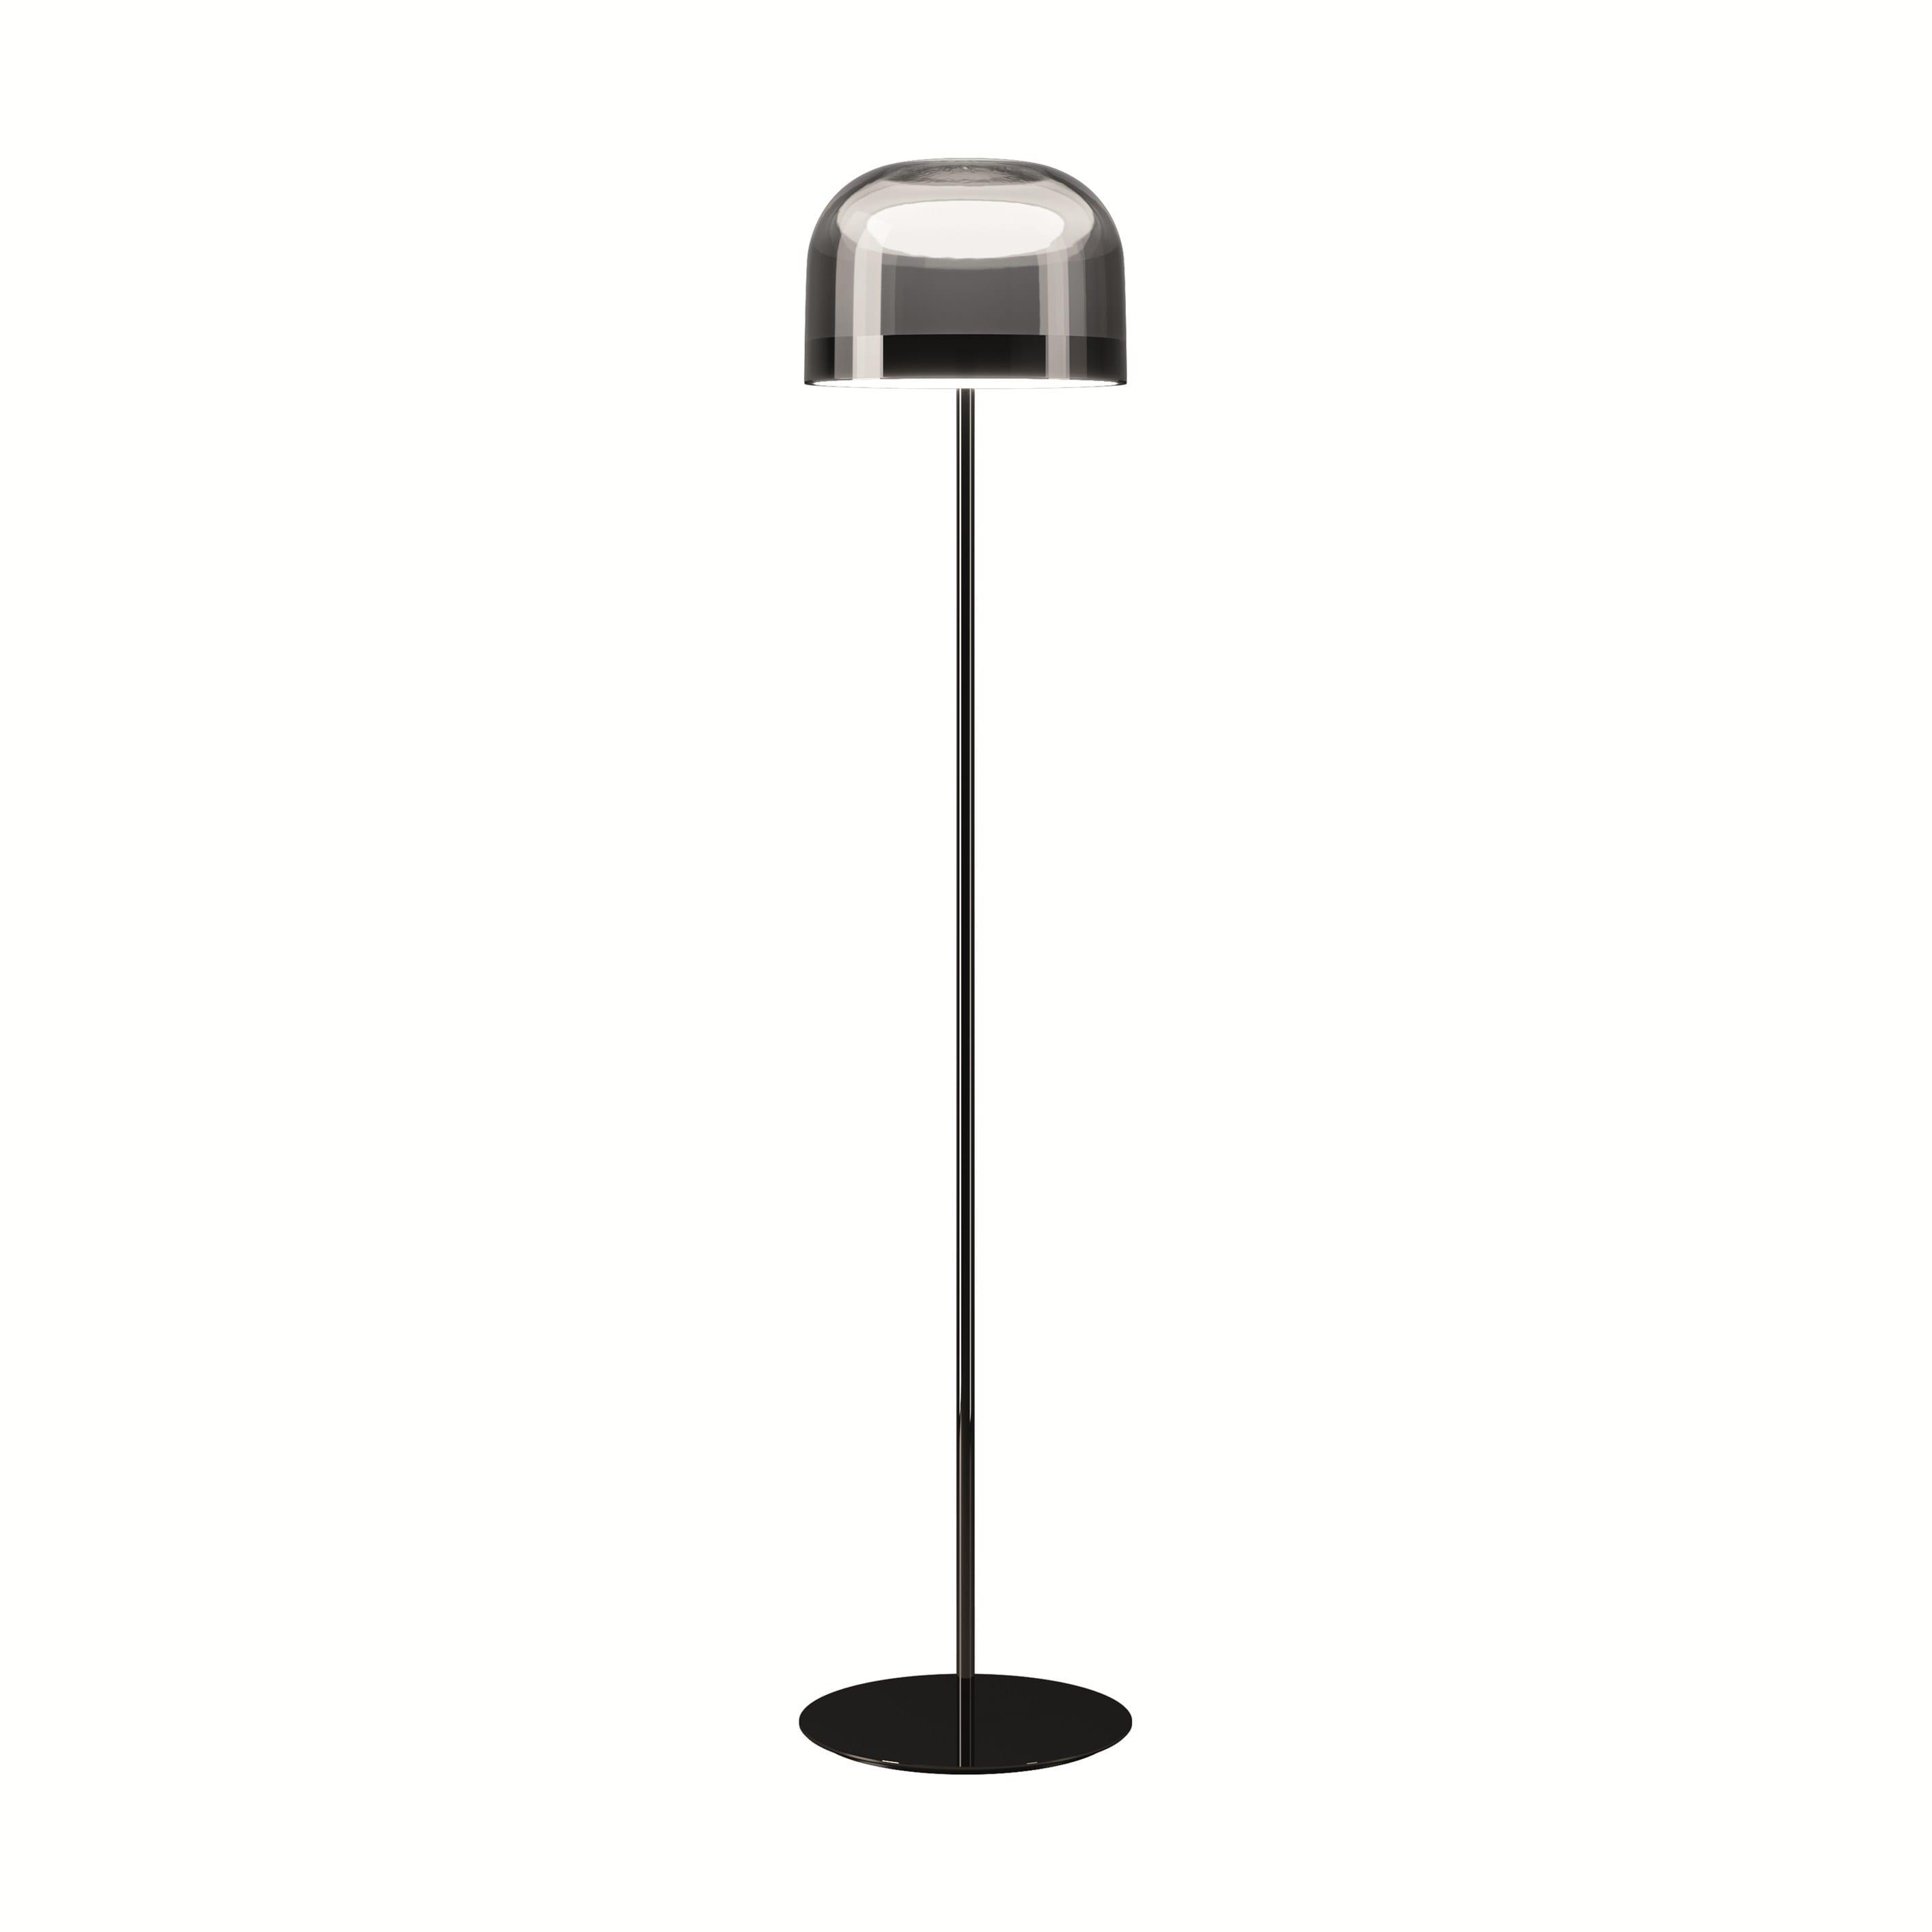 Fontana arte equatore floor lid design - Lampade da tavolo fontana arte ...